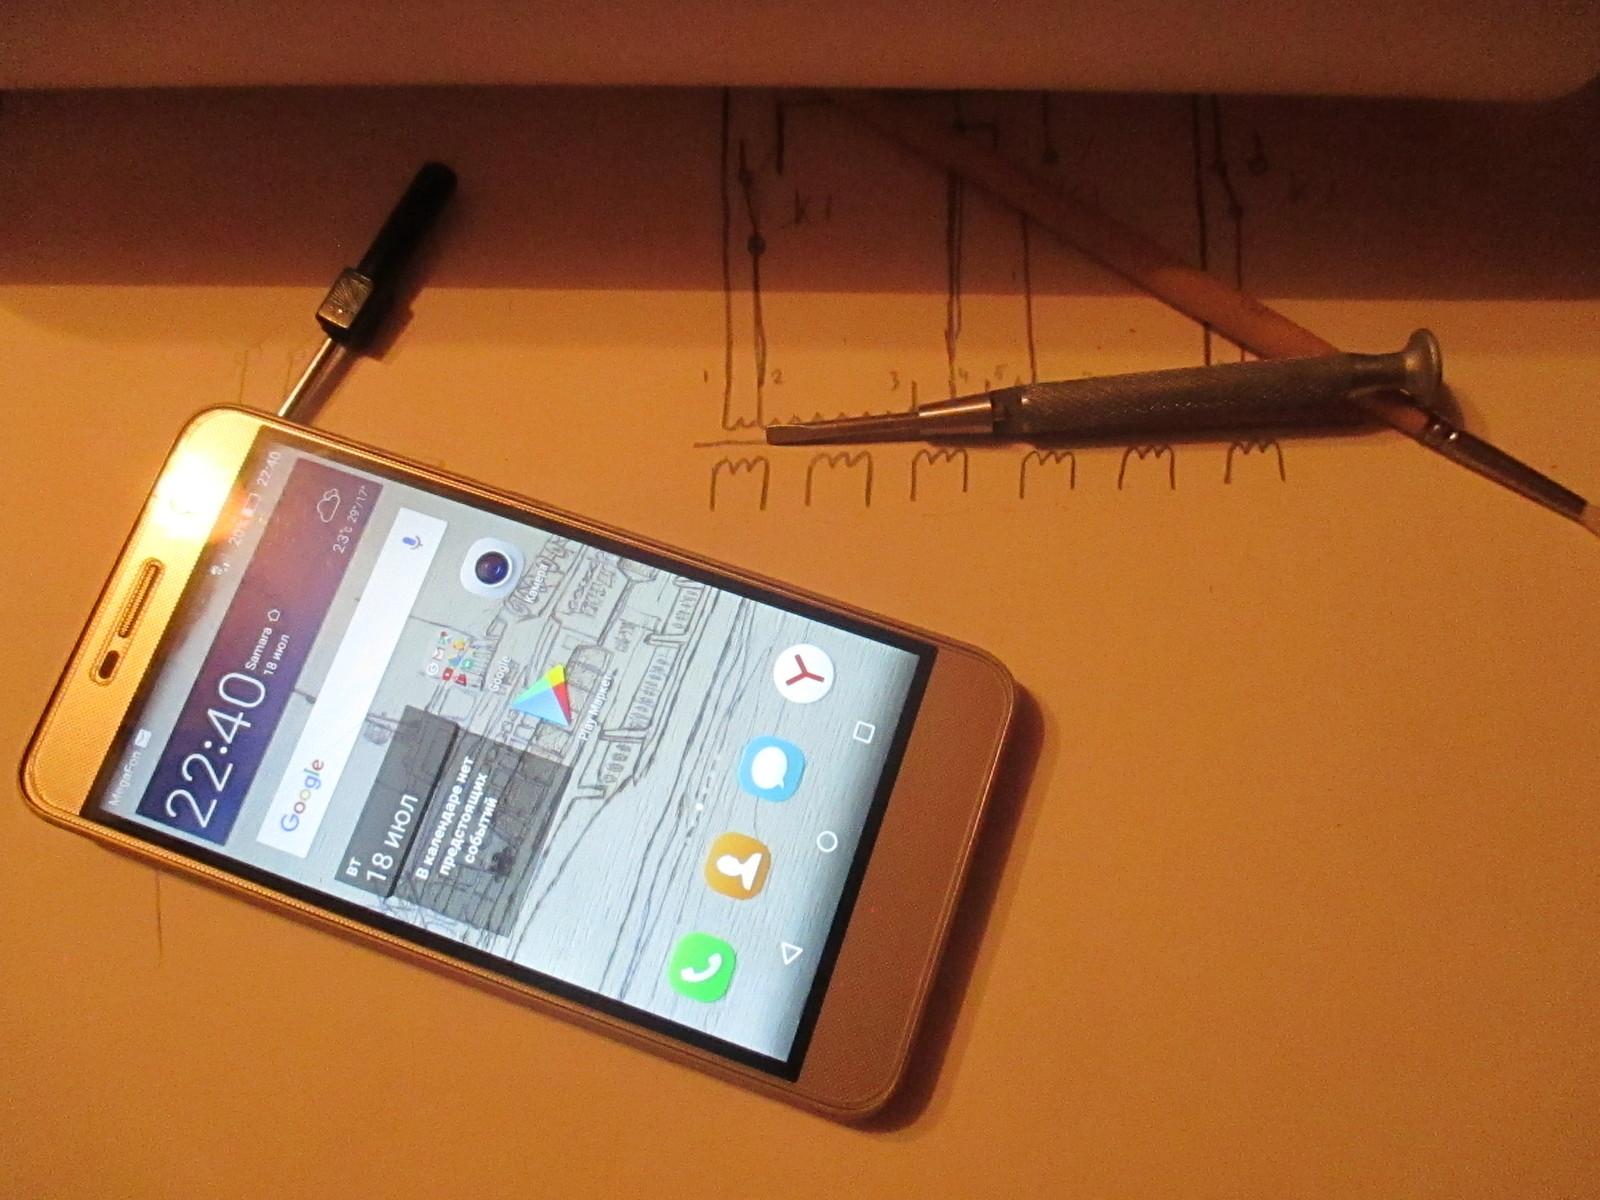 Плохой ремонт телефона ремонт разбился экран у телефона сони иксперия